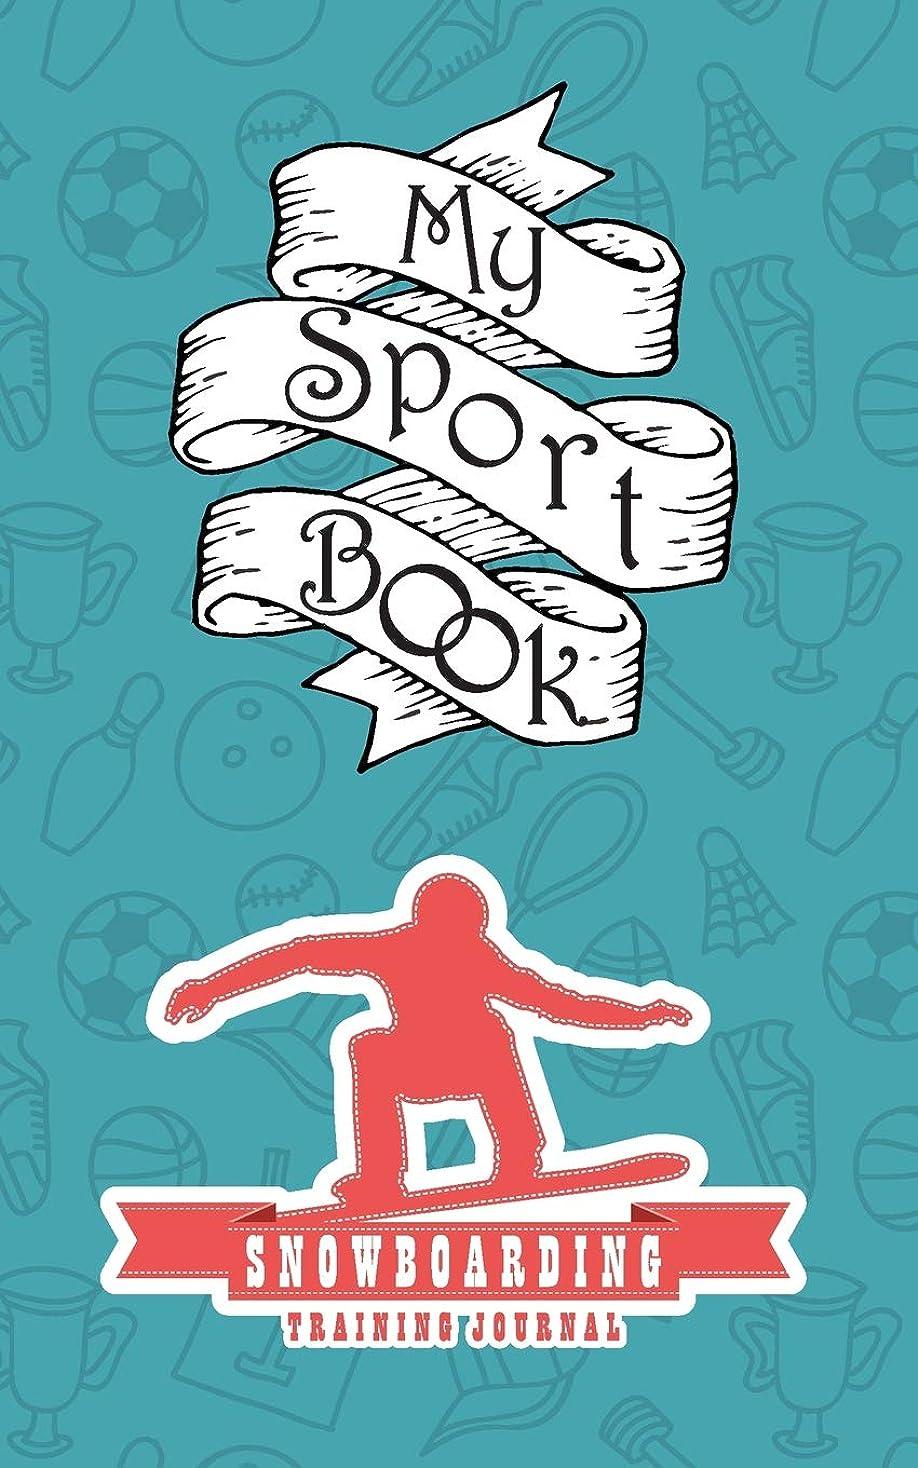 ズーム厚さ違反My sport book - Snowboarding training journal: 200 cream pages with 5